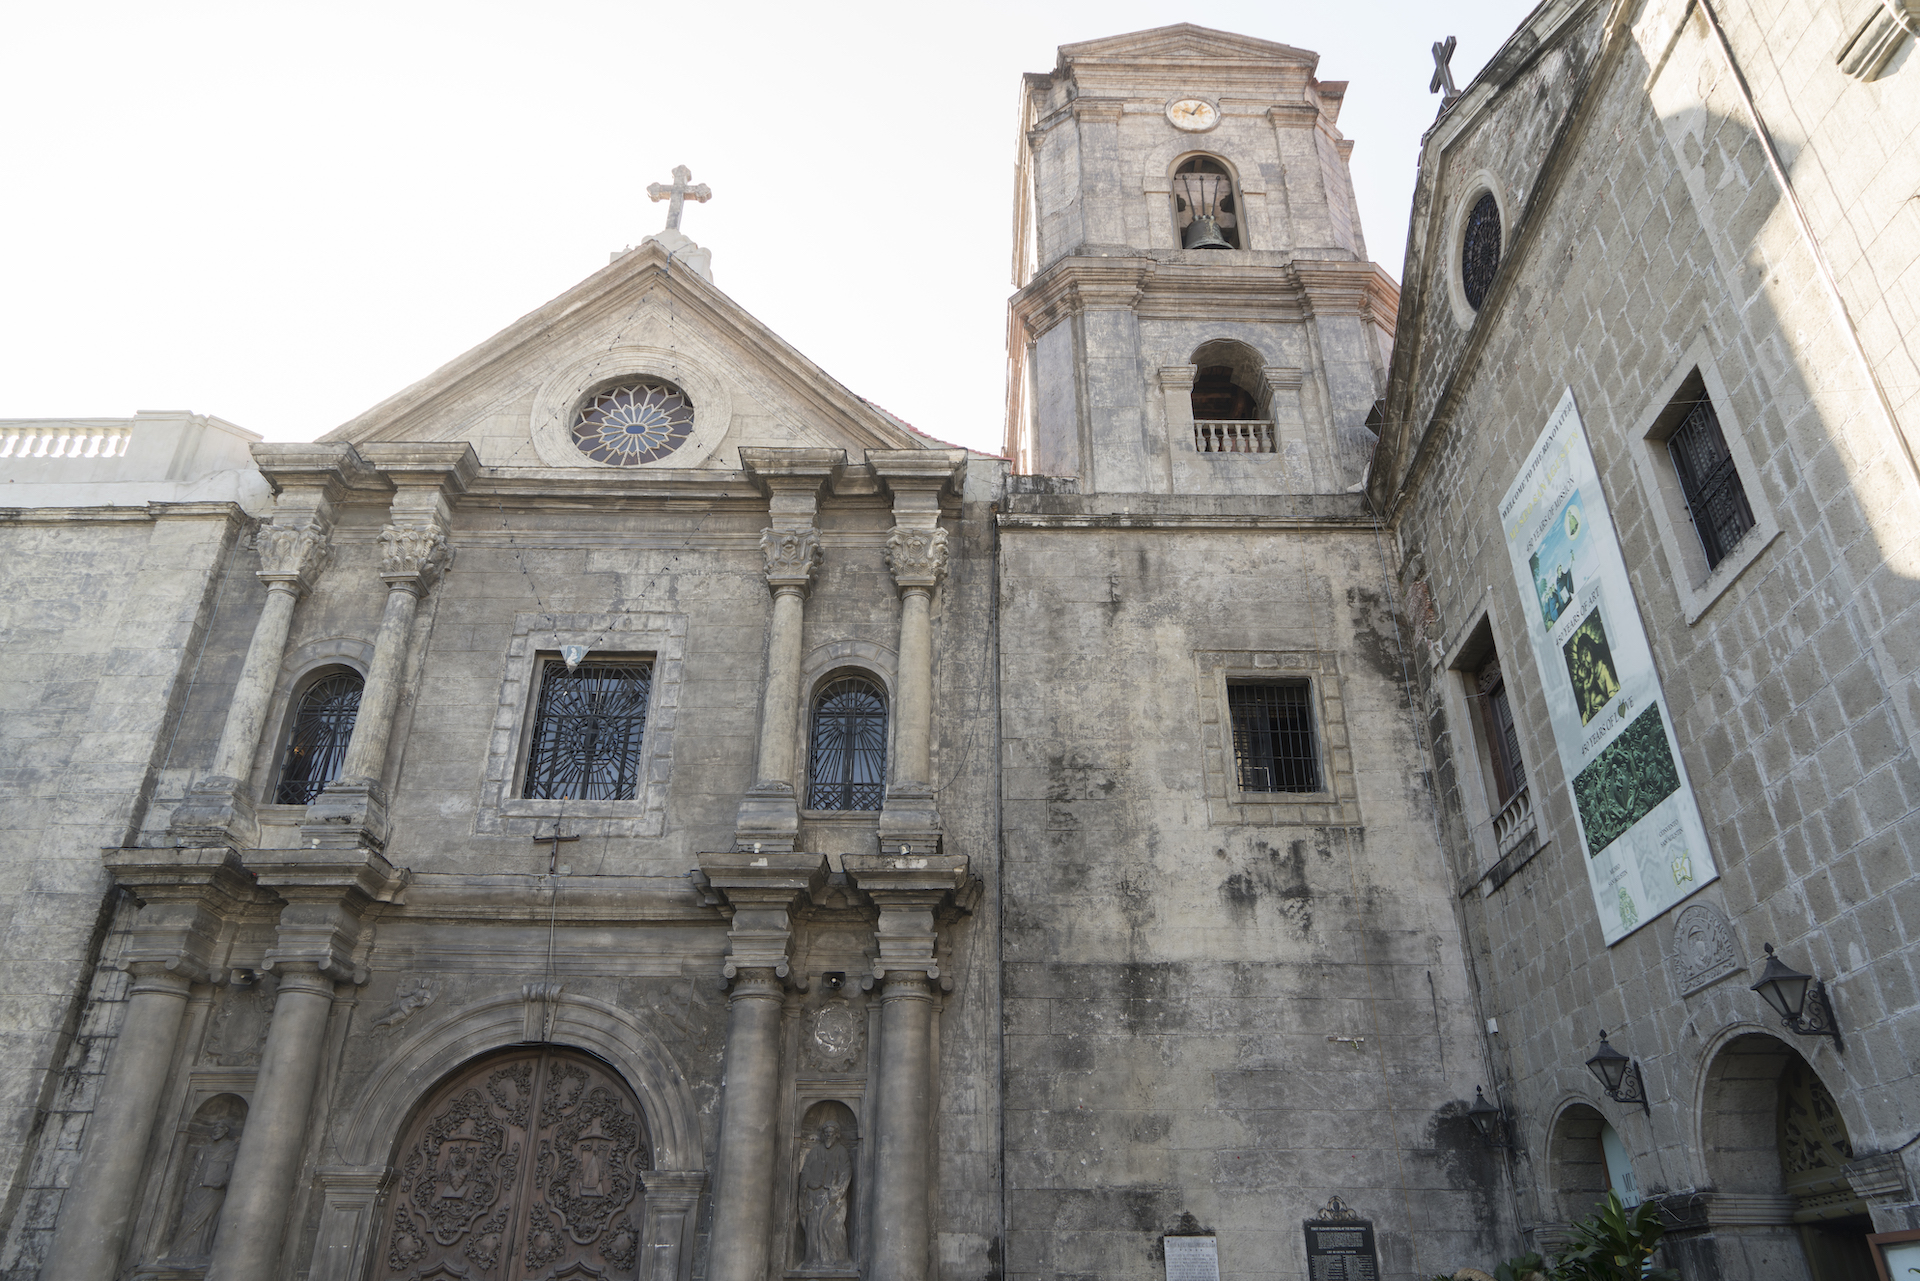 Front facade of San Agustin Church